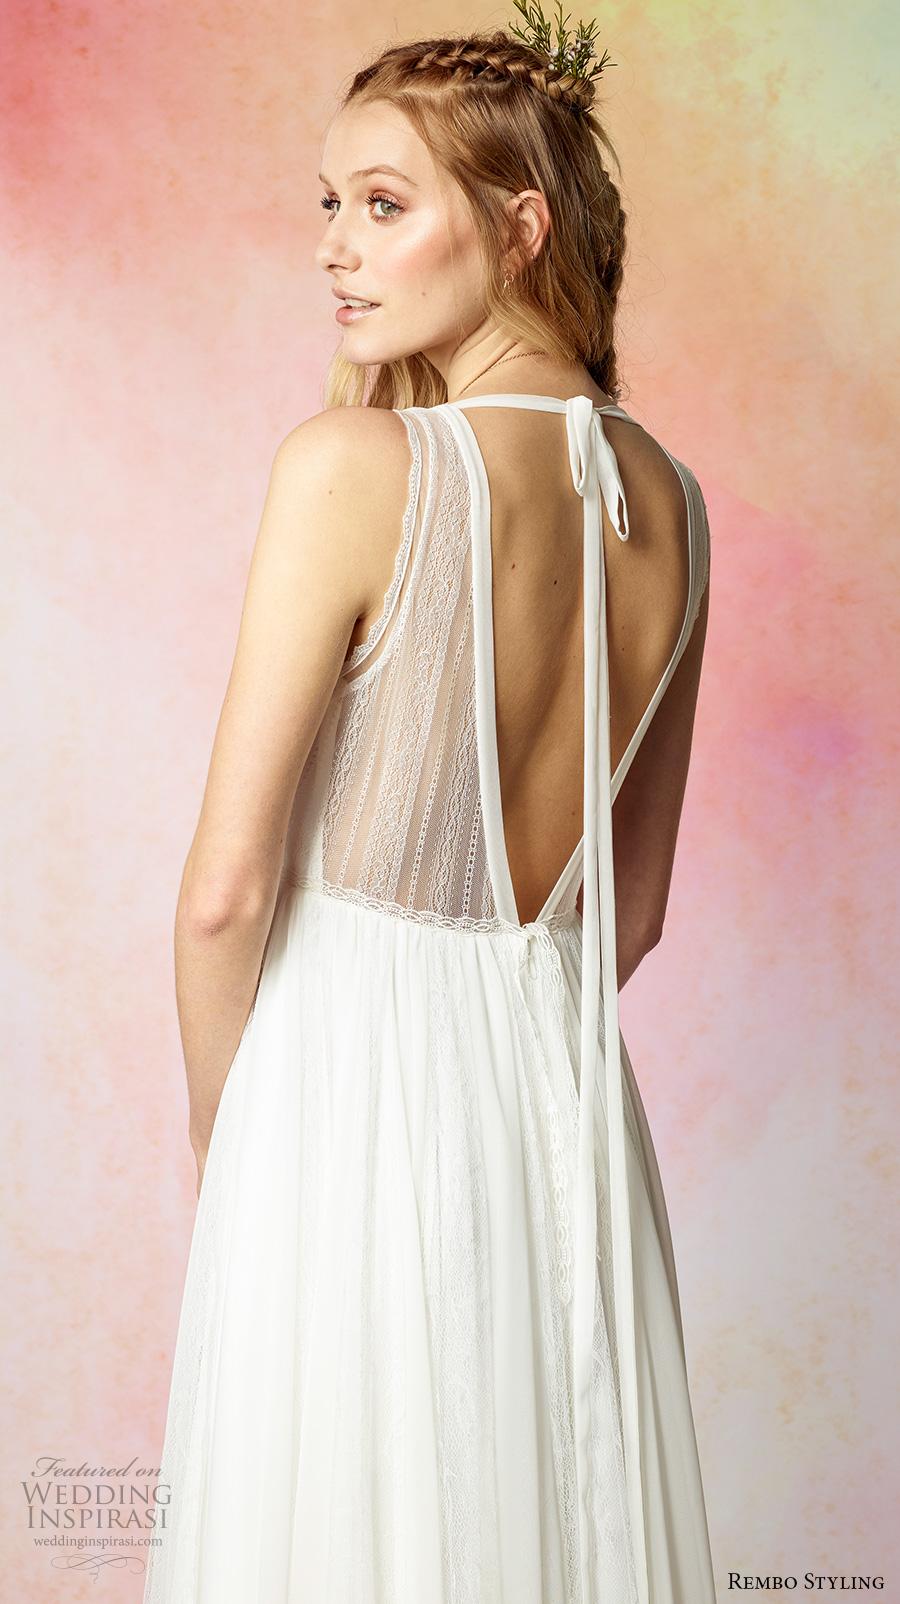 rembo styling 2017 bridal sleeveless v neck simple bohemian romantic column a  line wedding dress low v back (feeling) zbv